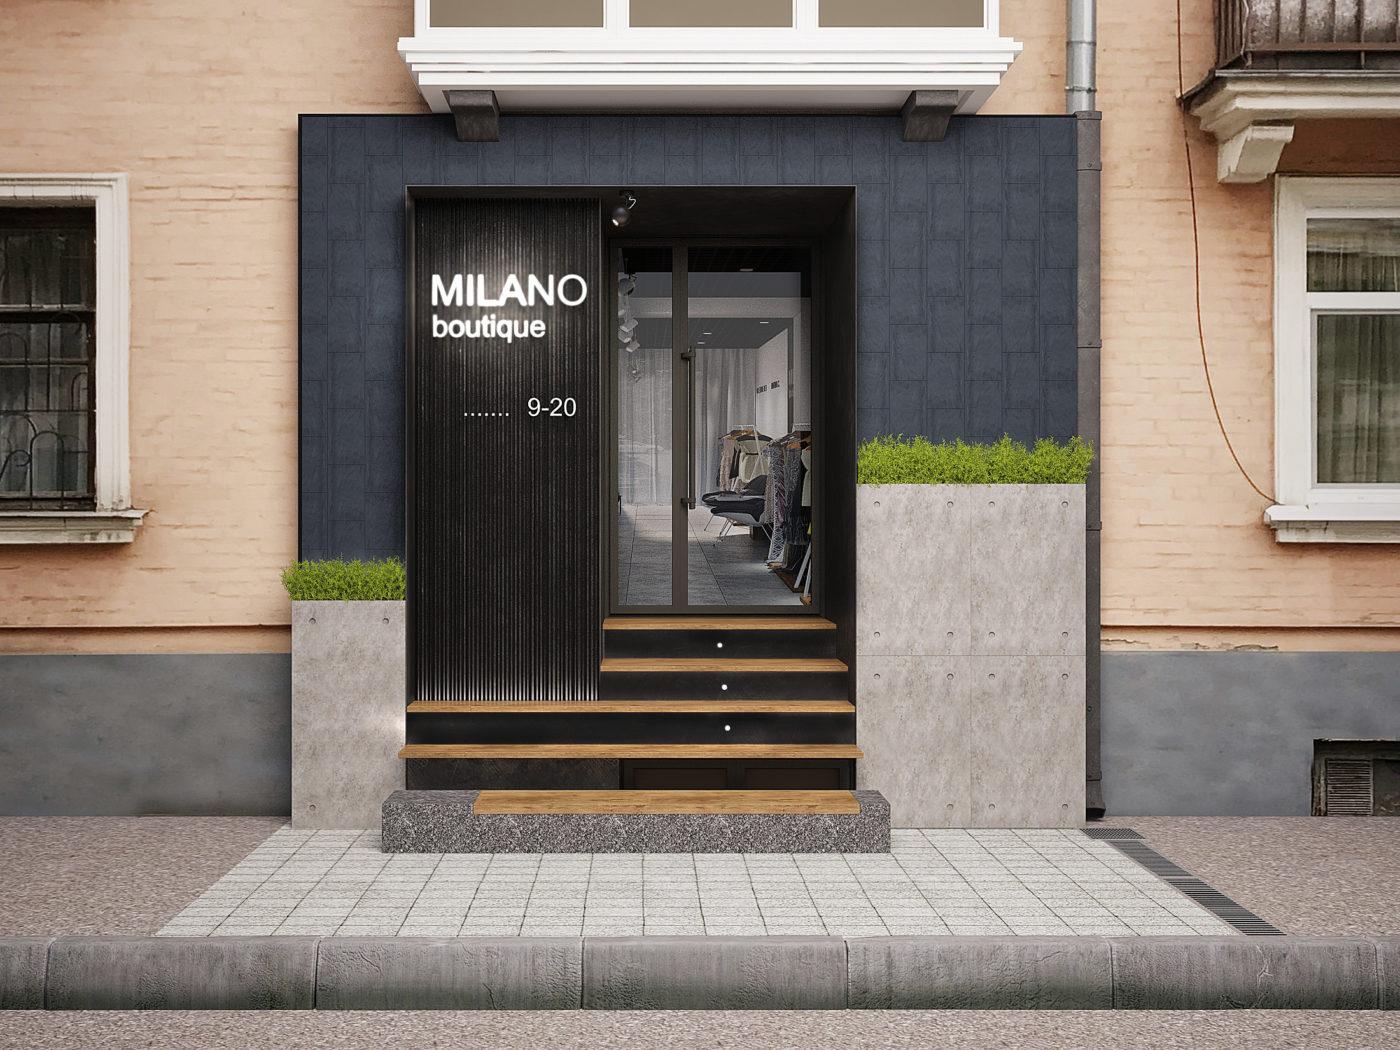 Дизайн магазина брендовой одежды «Milano boutique»